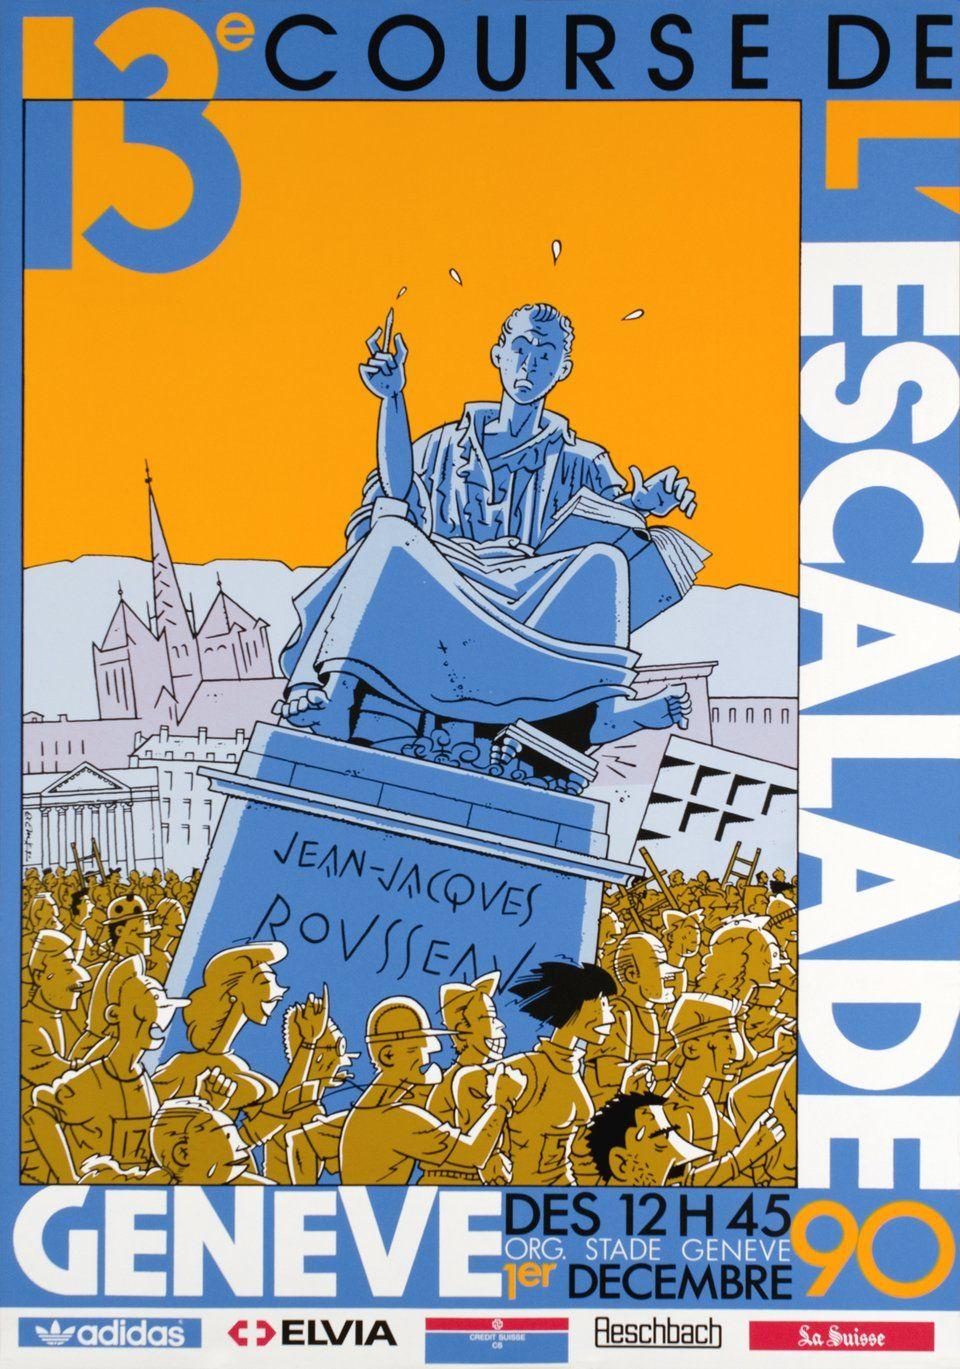 Geneve 13e Course De L Escalade 1990 Affiches Anciennes Vintage Poster Affiche